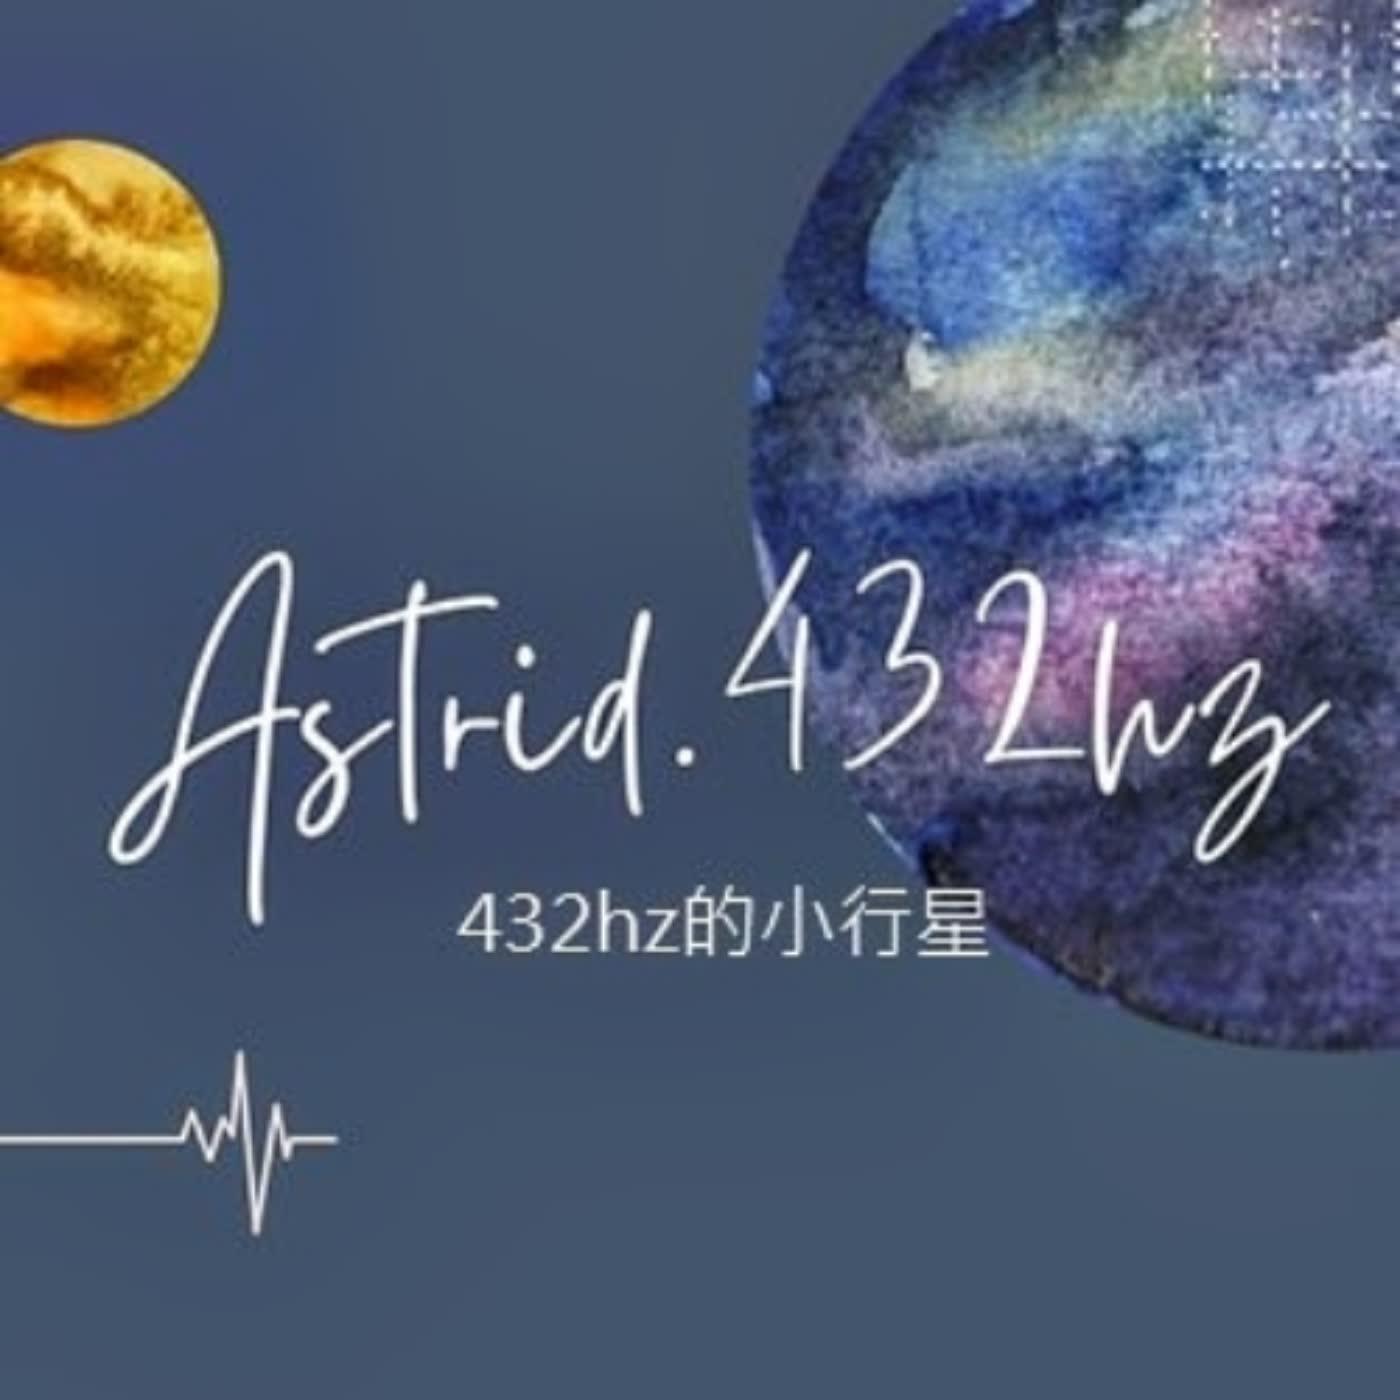 432hz的小行星:隨時來場簡單有趣的覺察體驗